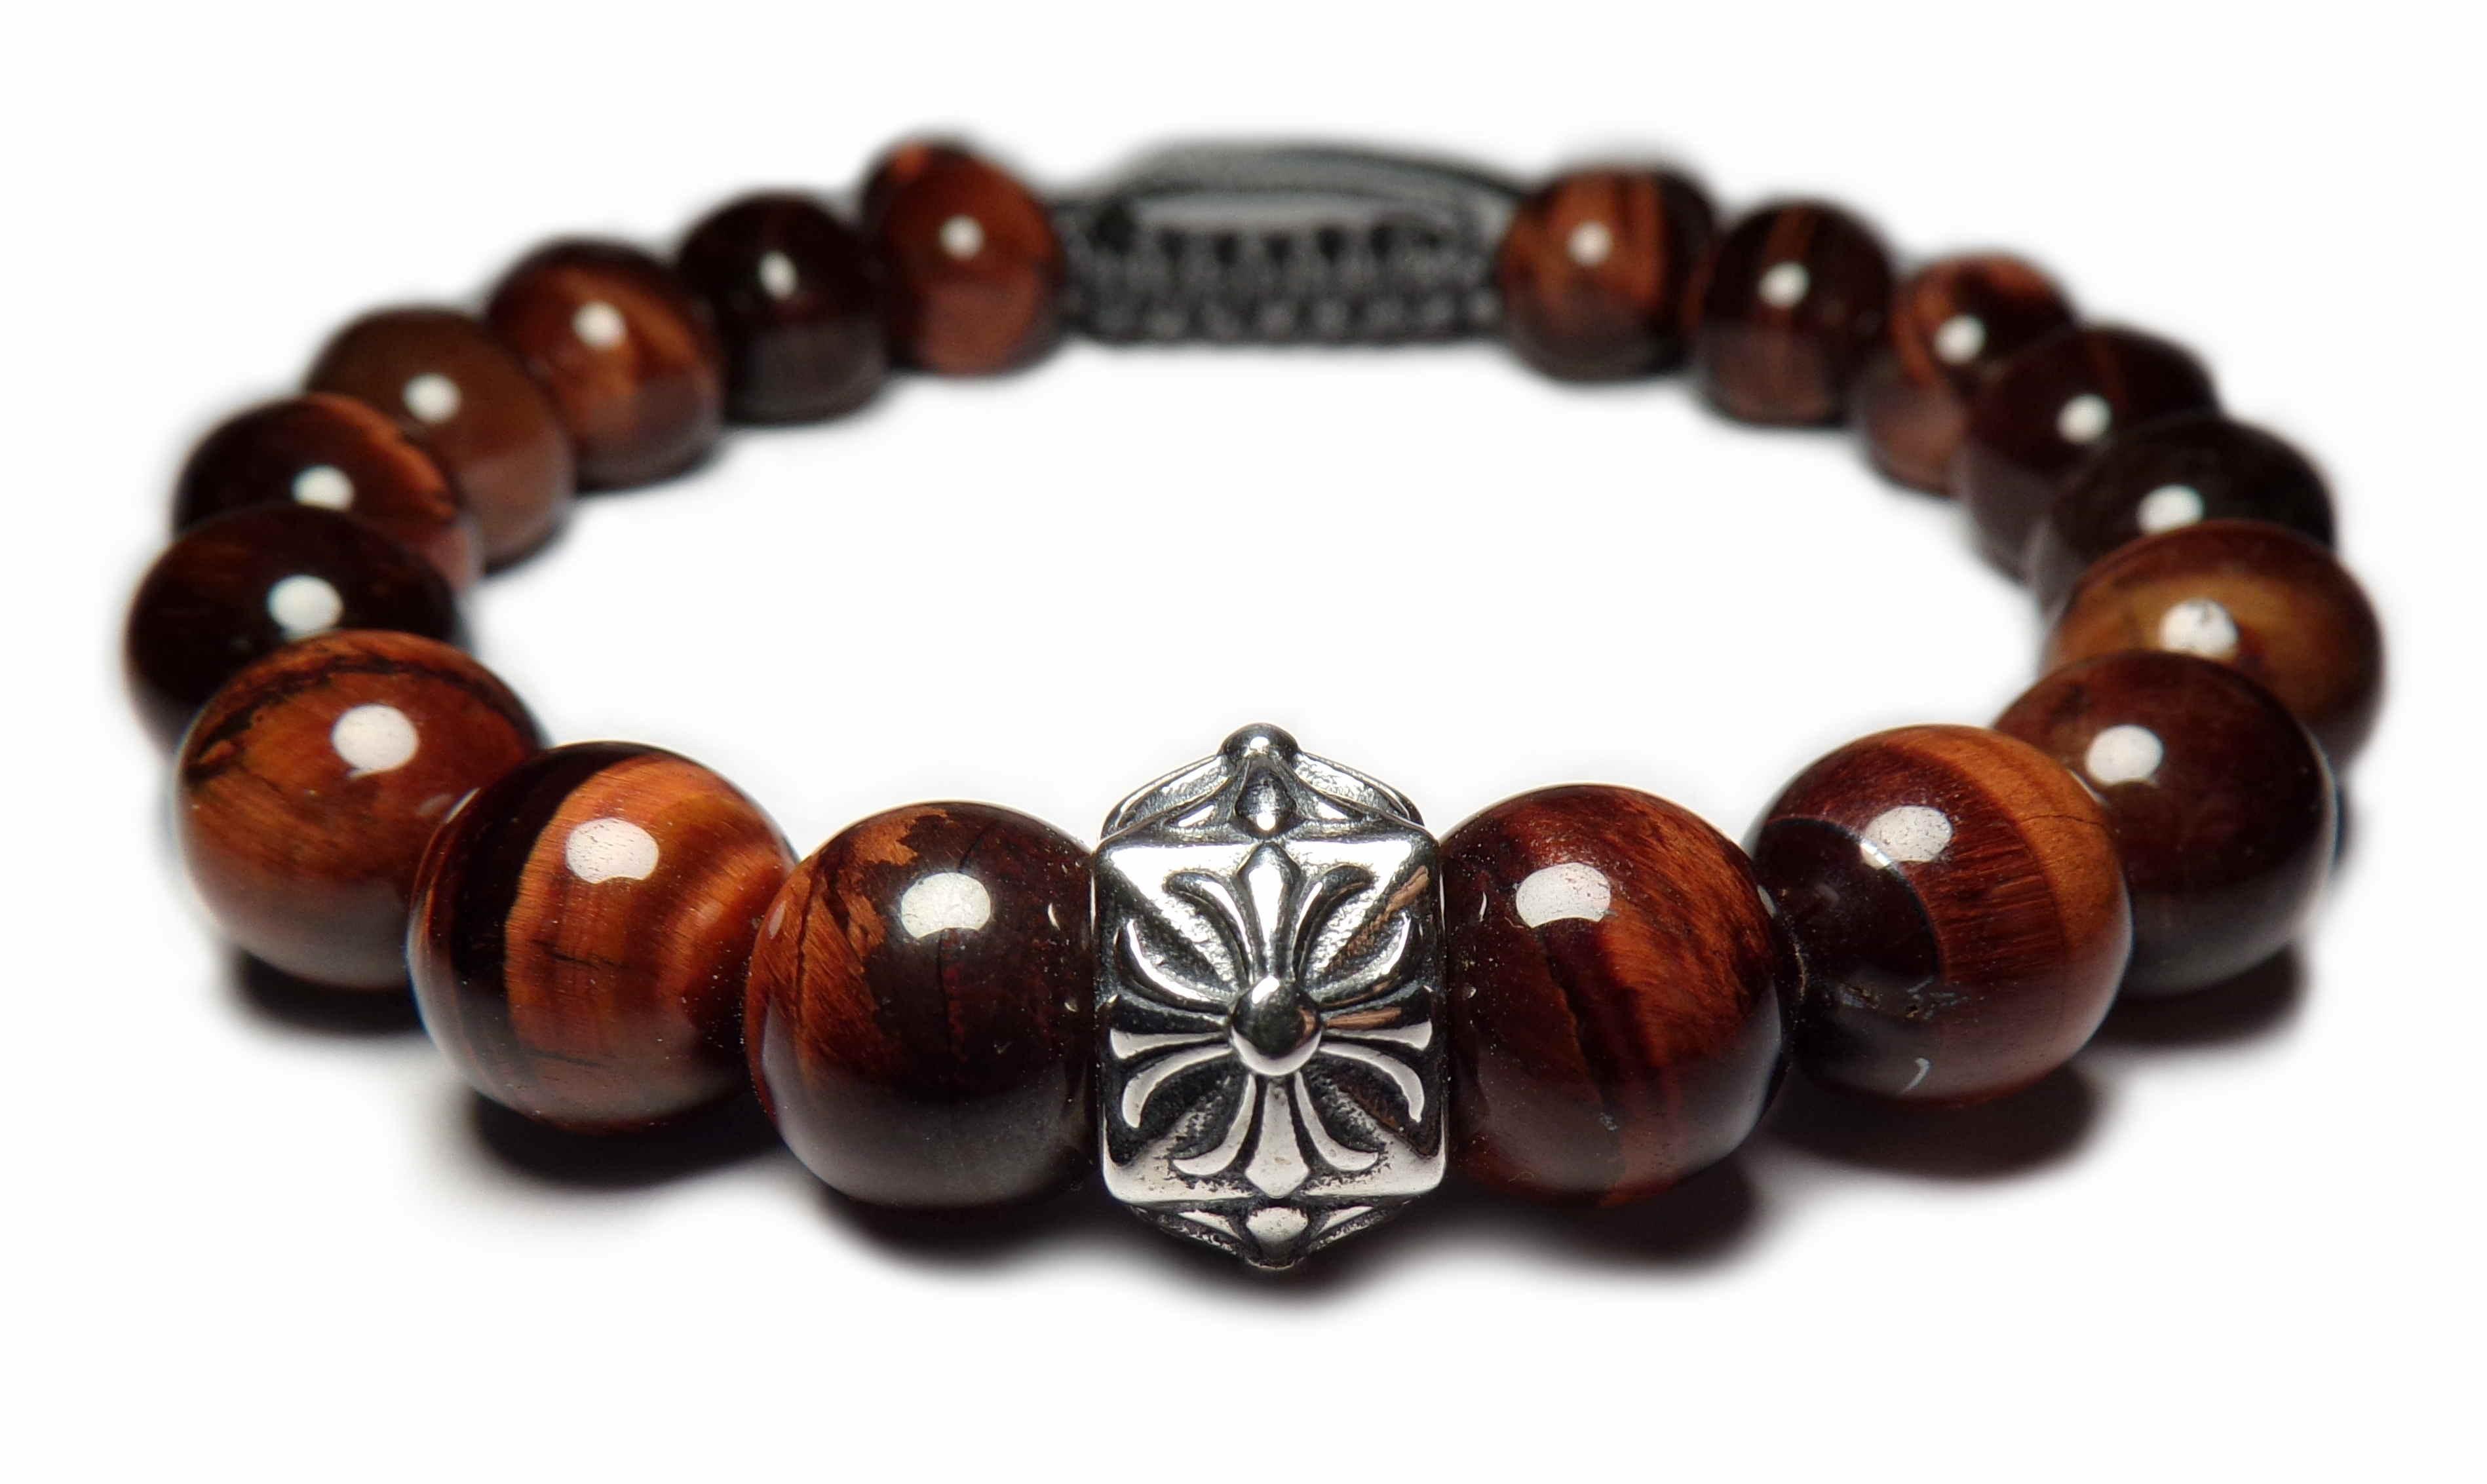 le bracelet oeil de tigre rouge perles sur lastique homme et femme 479. Black Bedroom Furniture Sets. Home Design Ideas